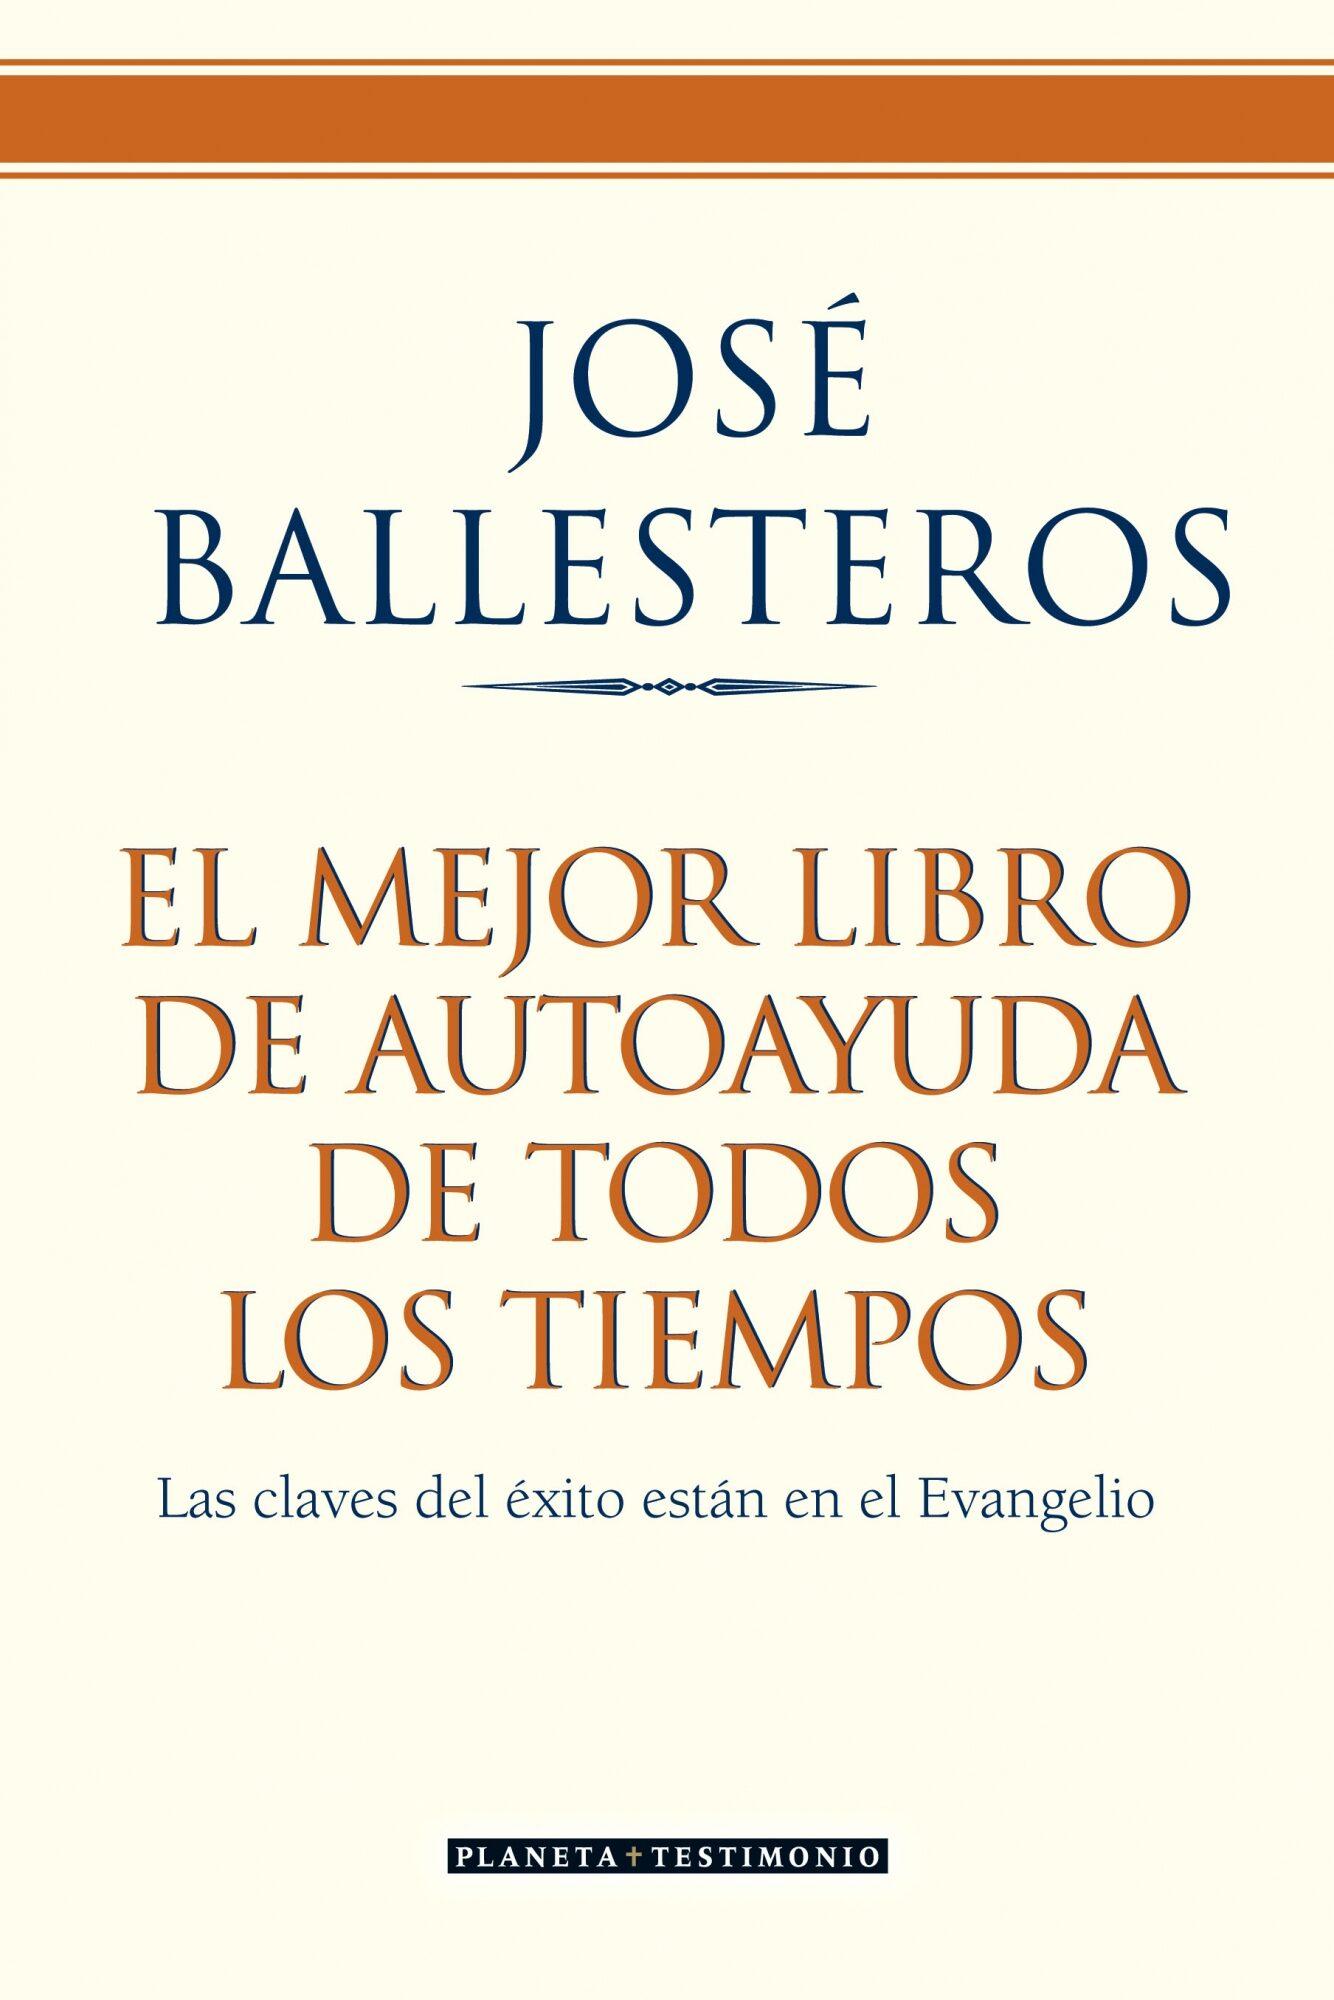 El Mejor Libro De Autoayuda De Todos Los Tiempos: Las Claves Del Exito Estan En El Evangelio por Jose Ballesteros Gratis